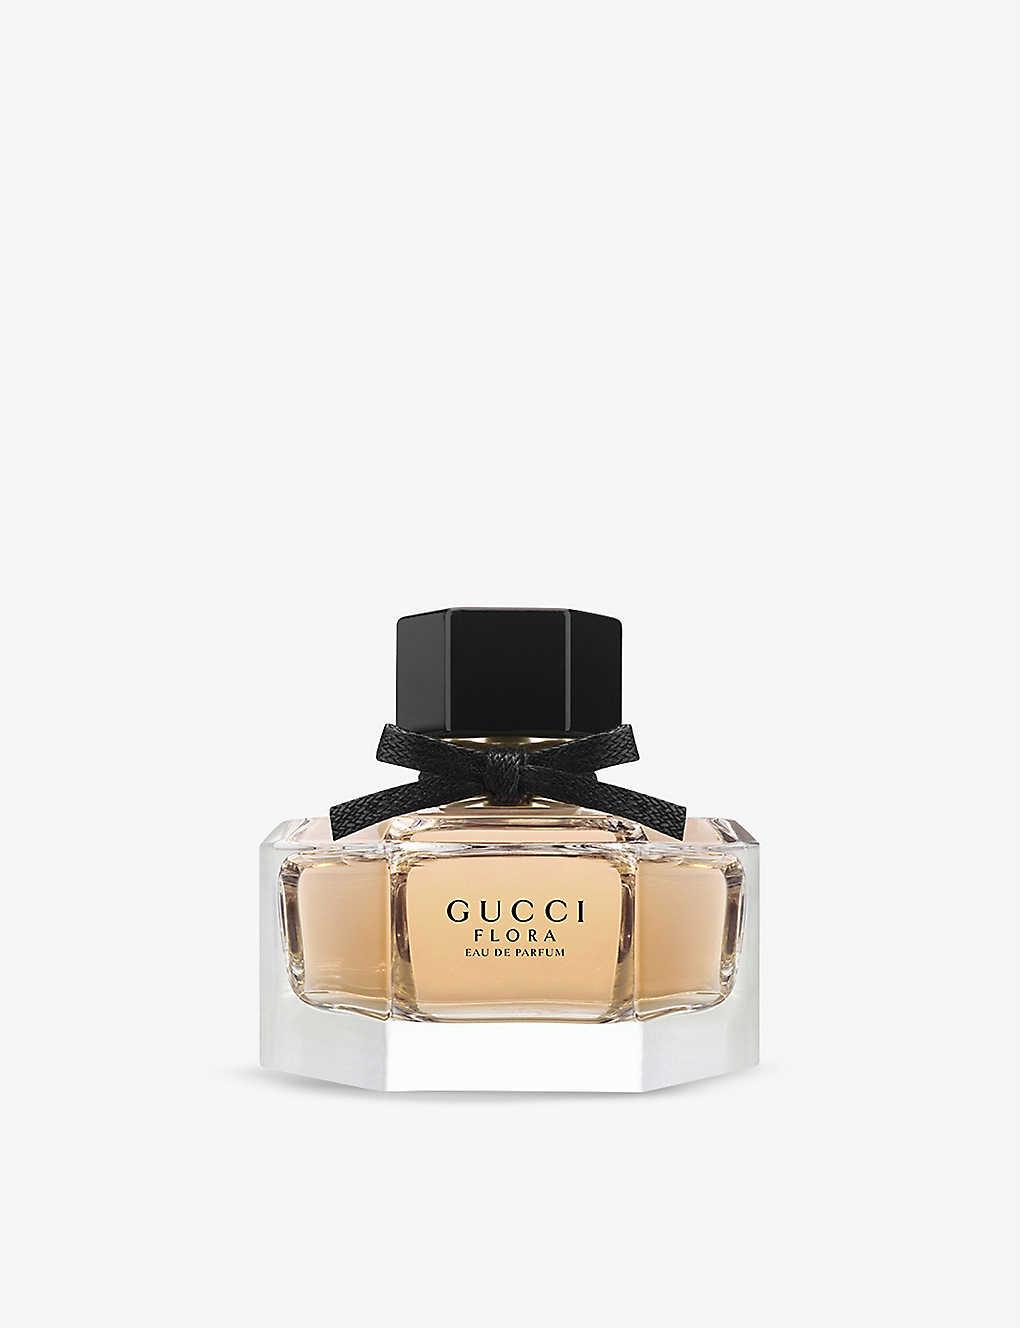 c47cfbab7 GUCCI - Flora by Gucci eau de parfum | Selfridges.com